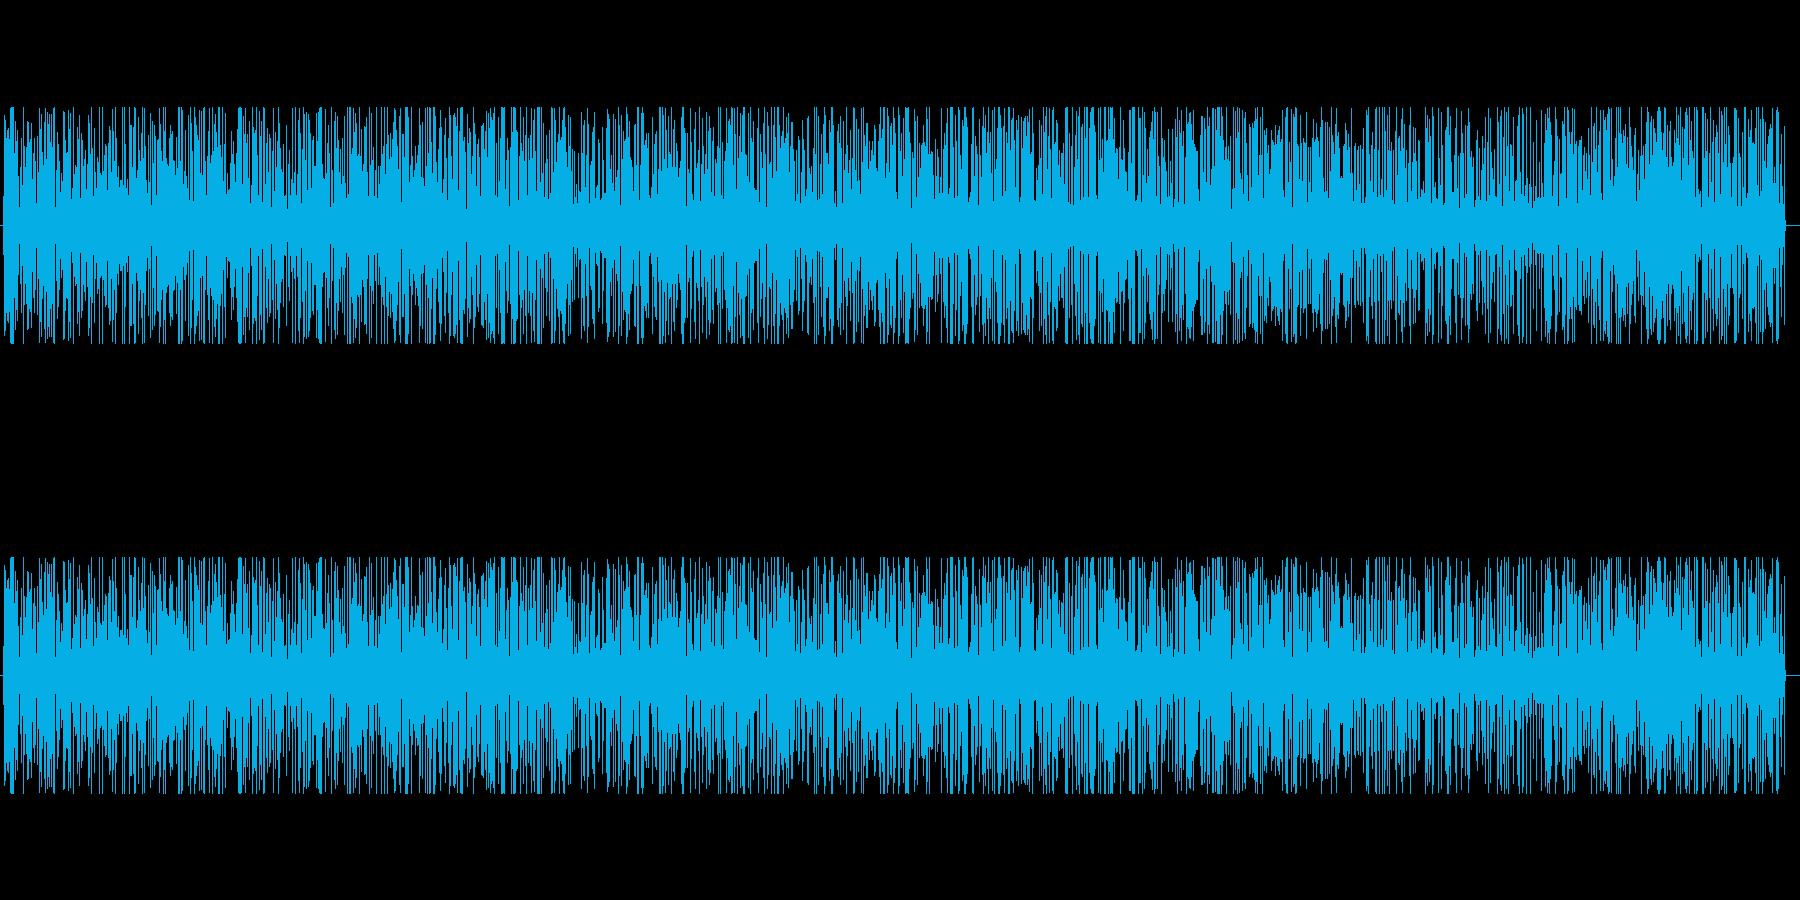 【テクスチャー 環境02-2】の再生済みの波形